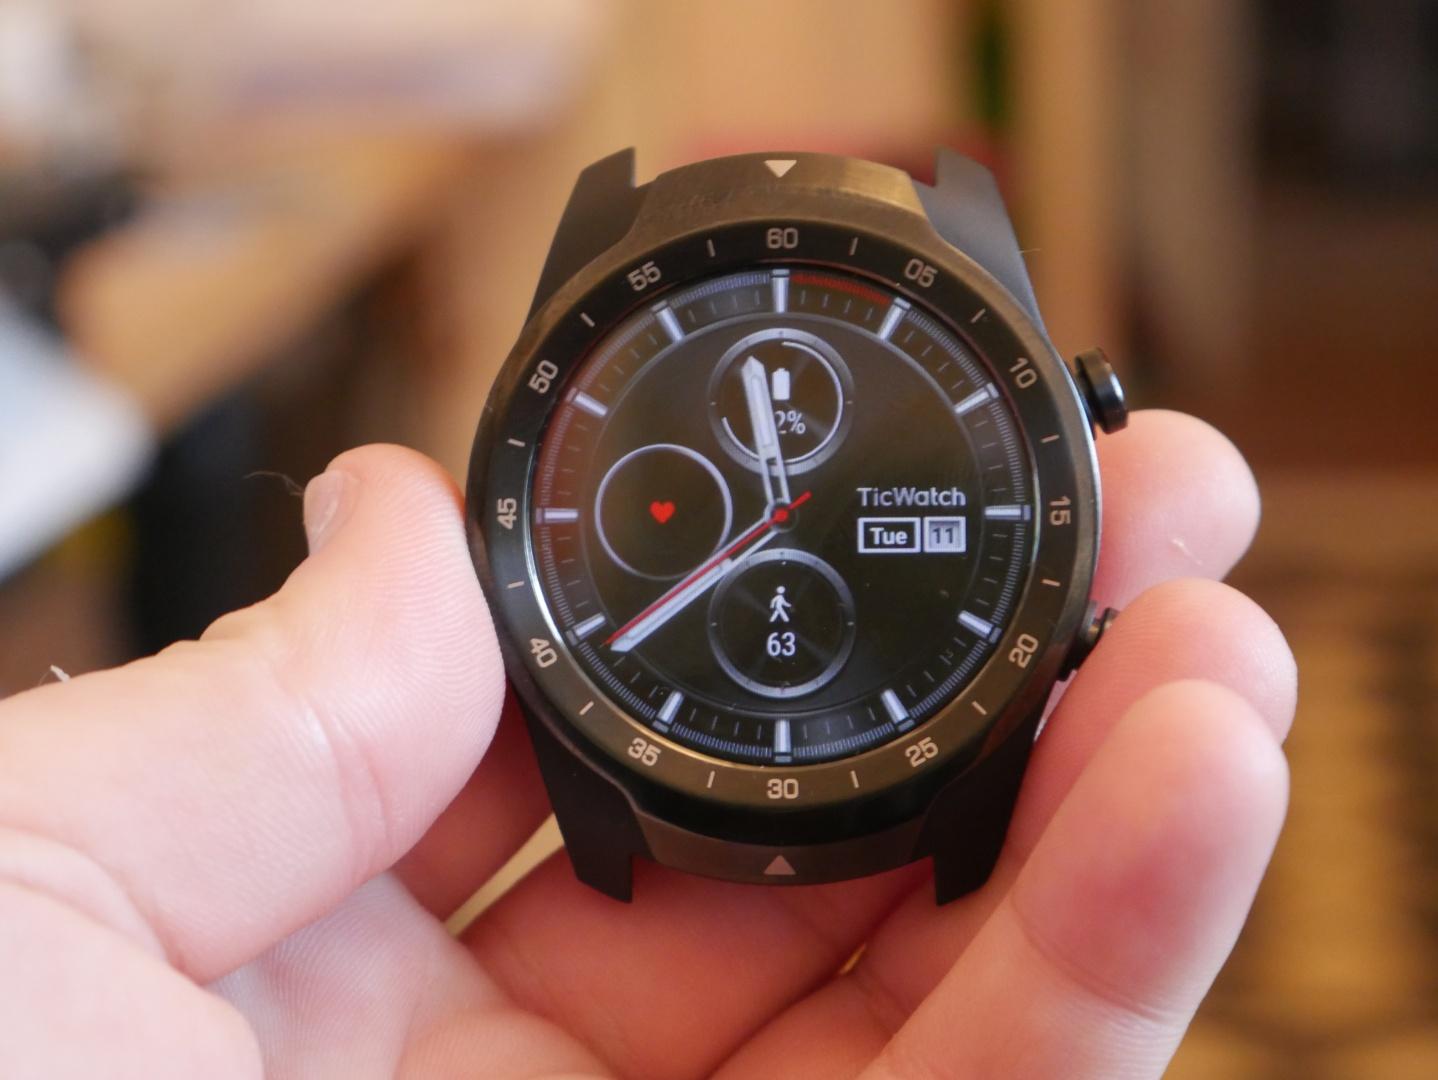 Ticwatch Pro Review A Cool Watch But Very 1st Gen Mobiletechtalk